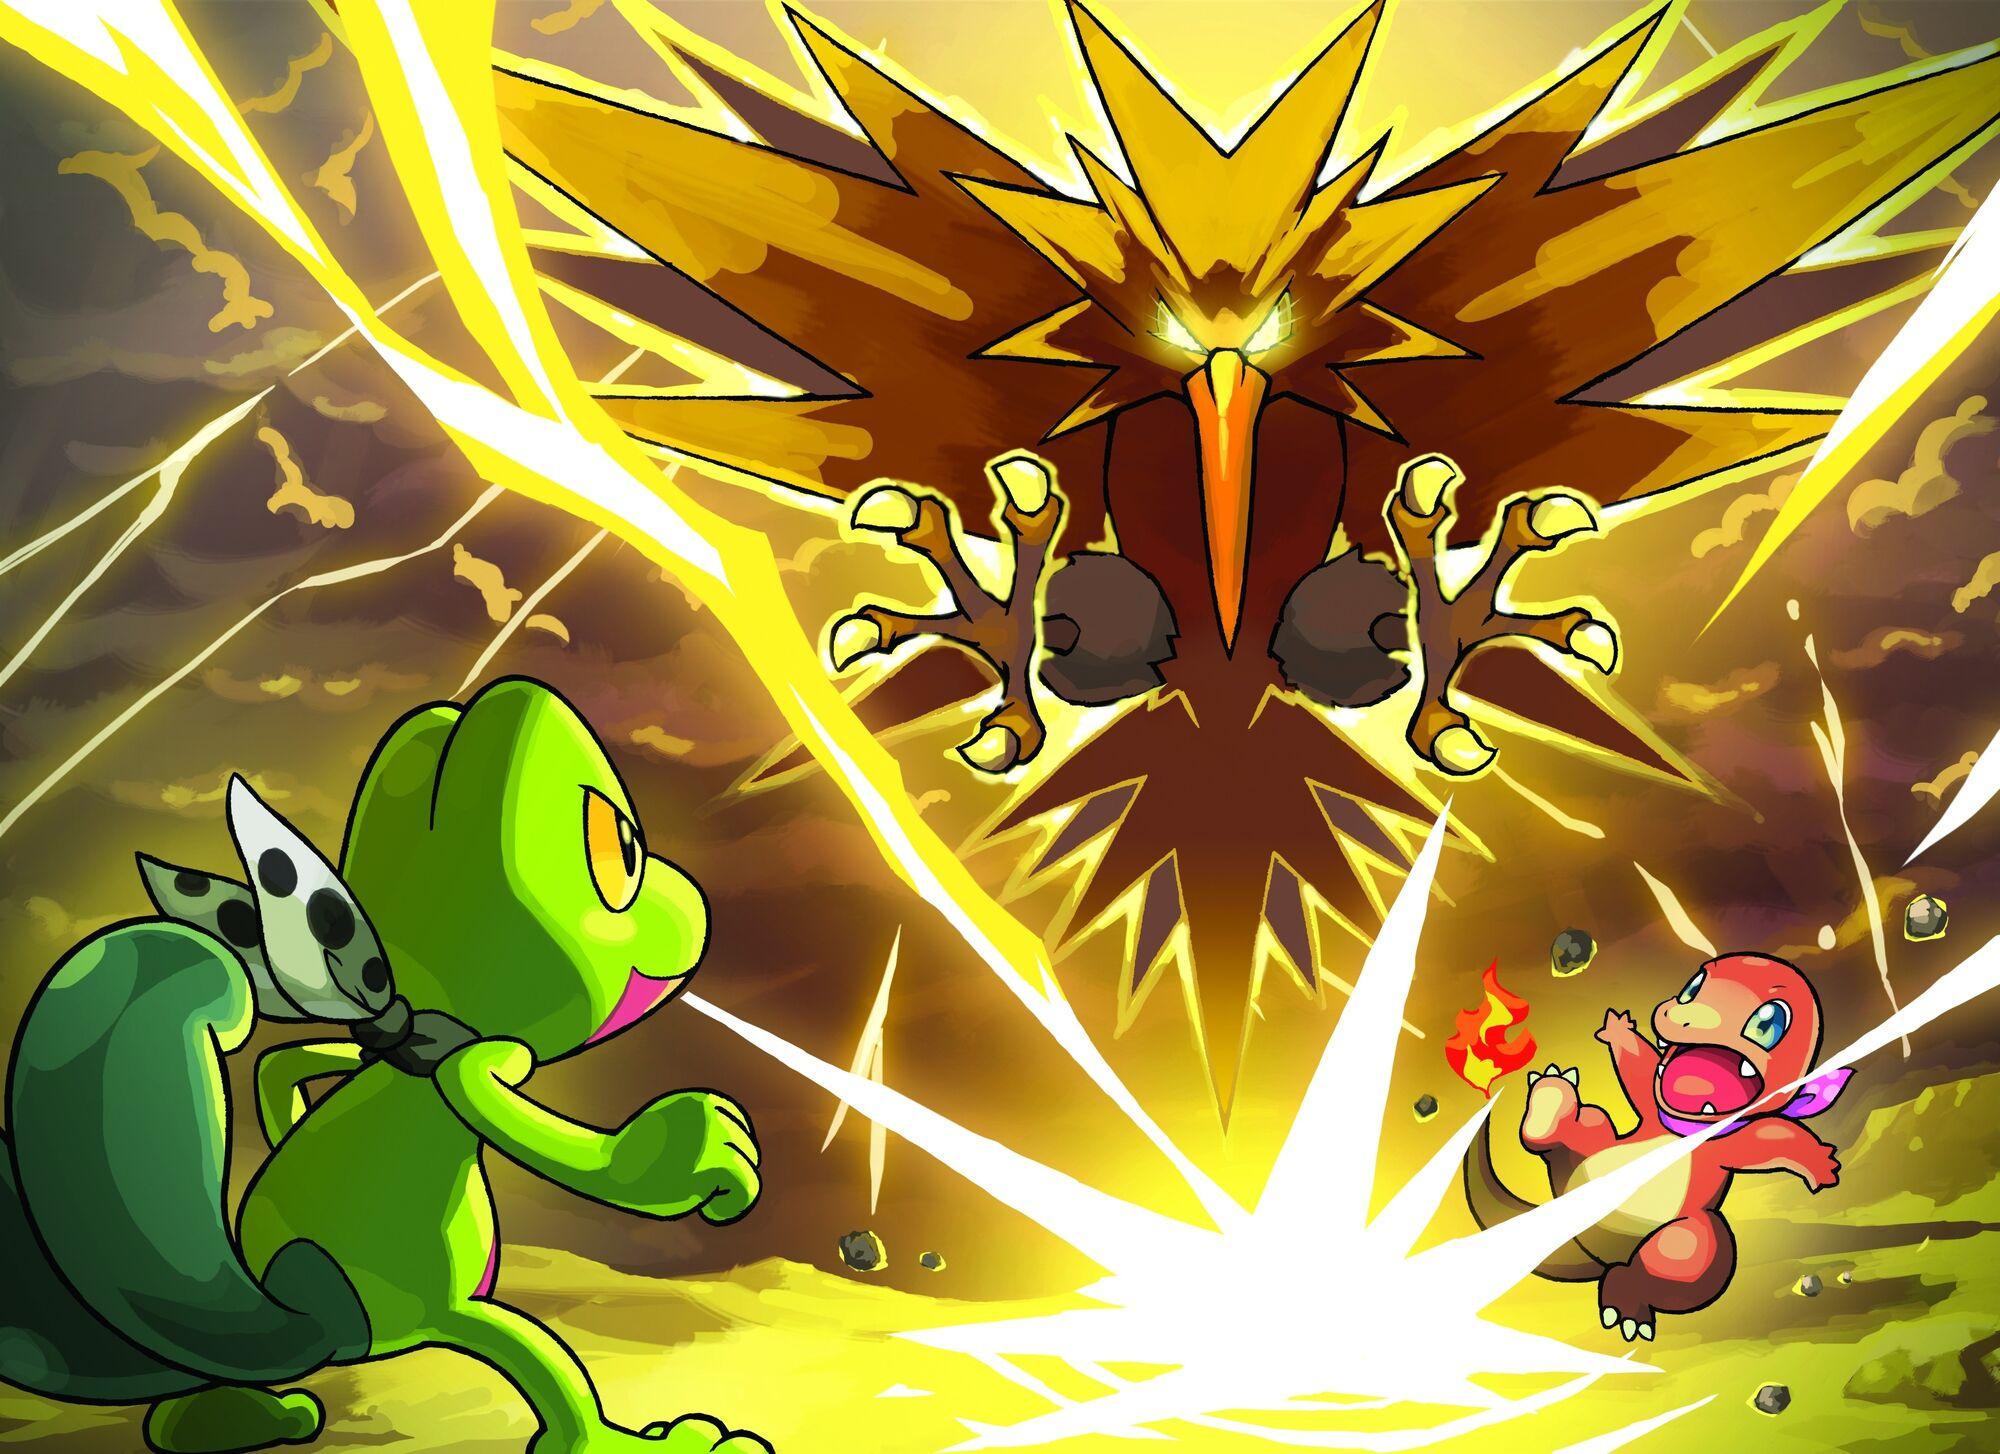 zapdos pokémon wiki fandom powered by wikia